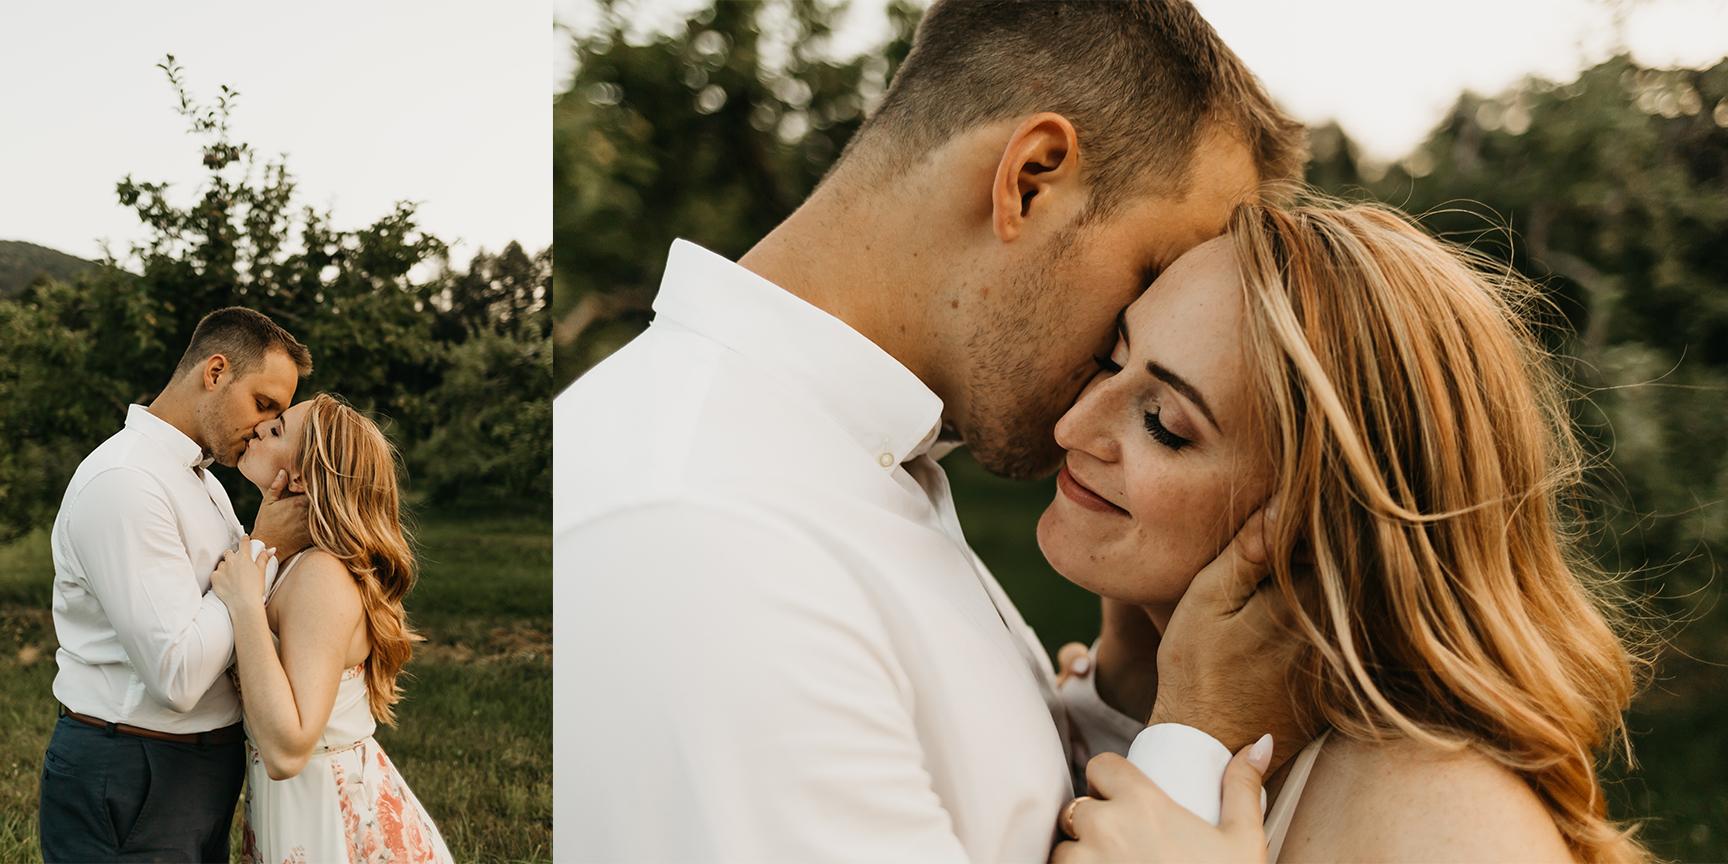 Engagement-shoot-Mont-saint-hilaire-québec-15.jpg